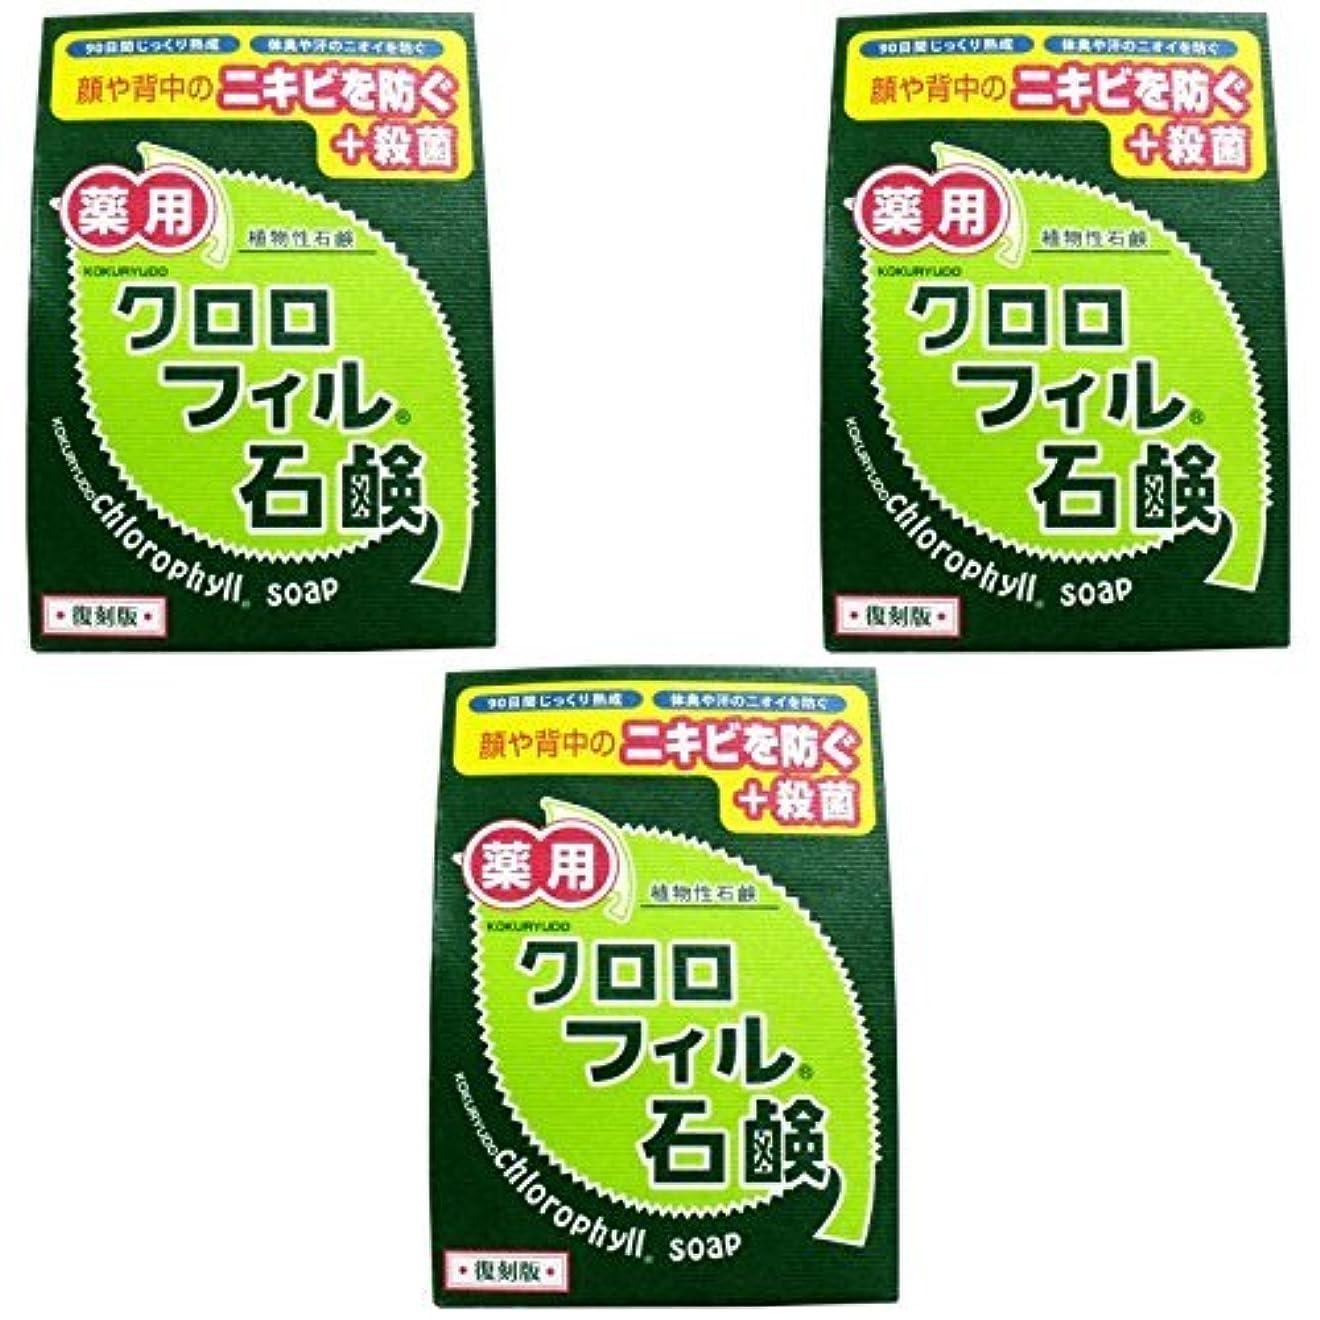 最高販売計画化学薬品【まとめ買い】クロロフィル石鹸 復刻版 85g (医薬部外品)【×3個】